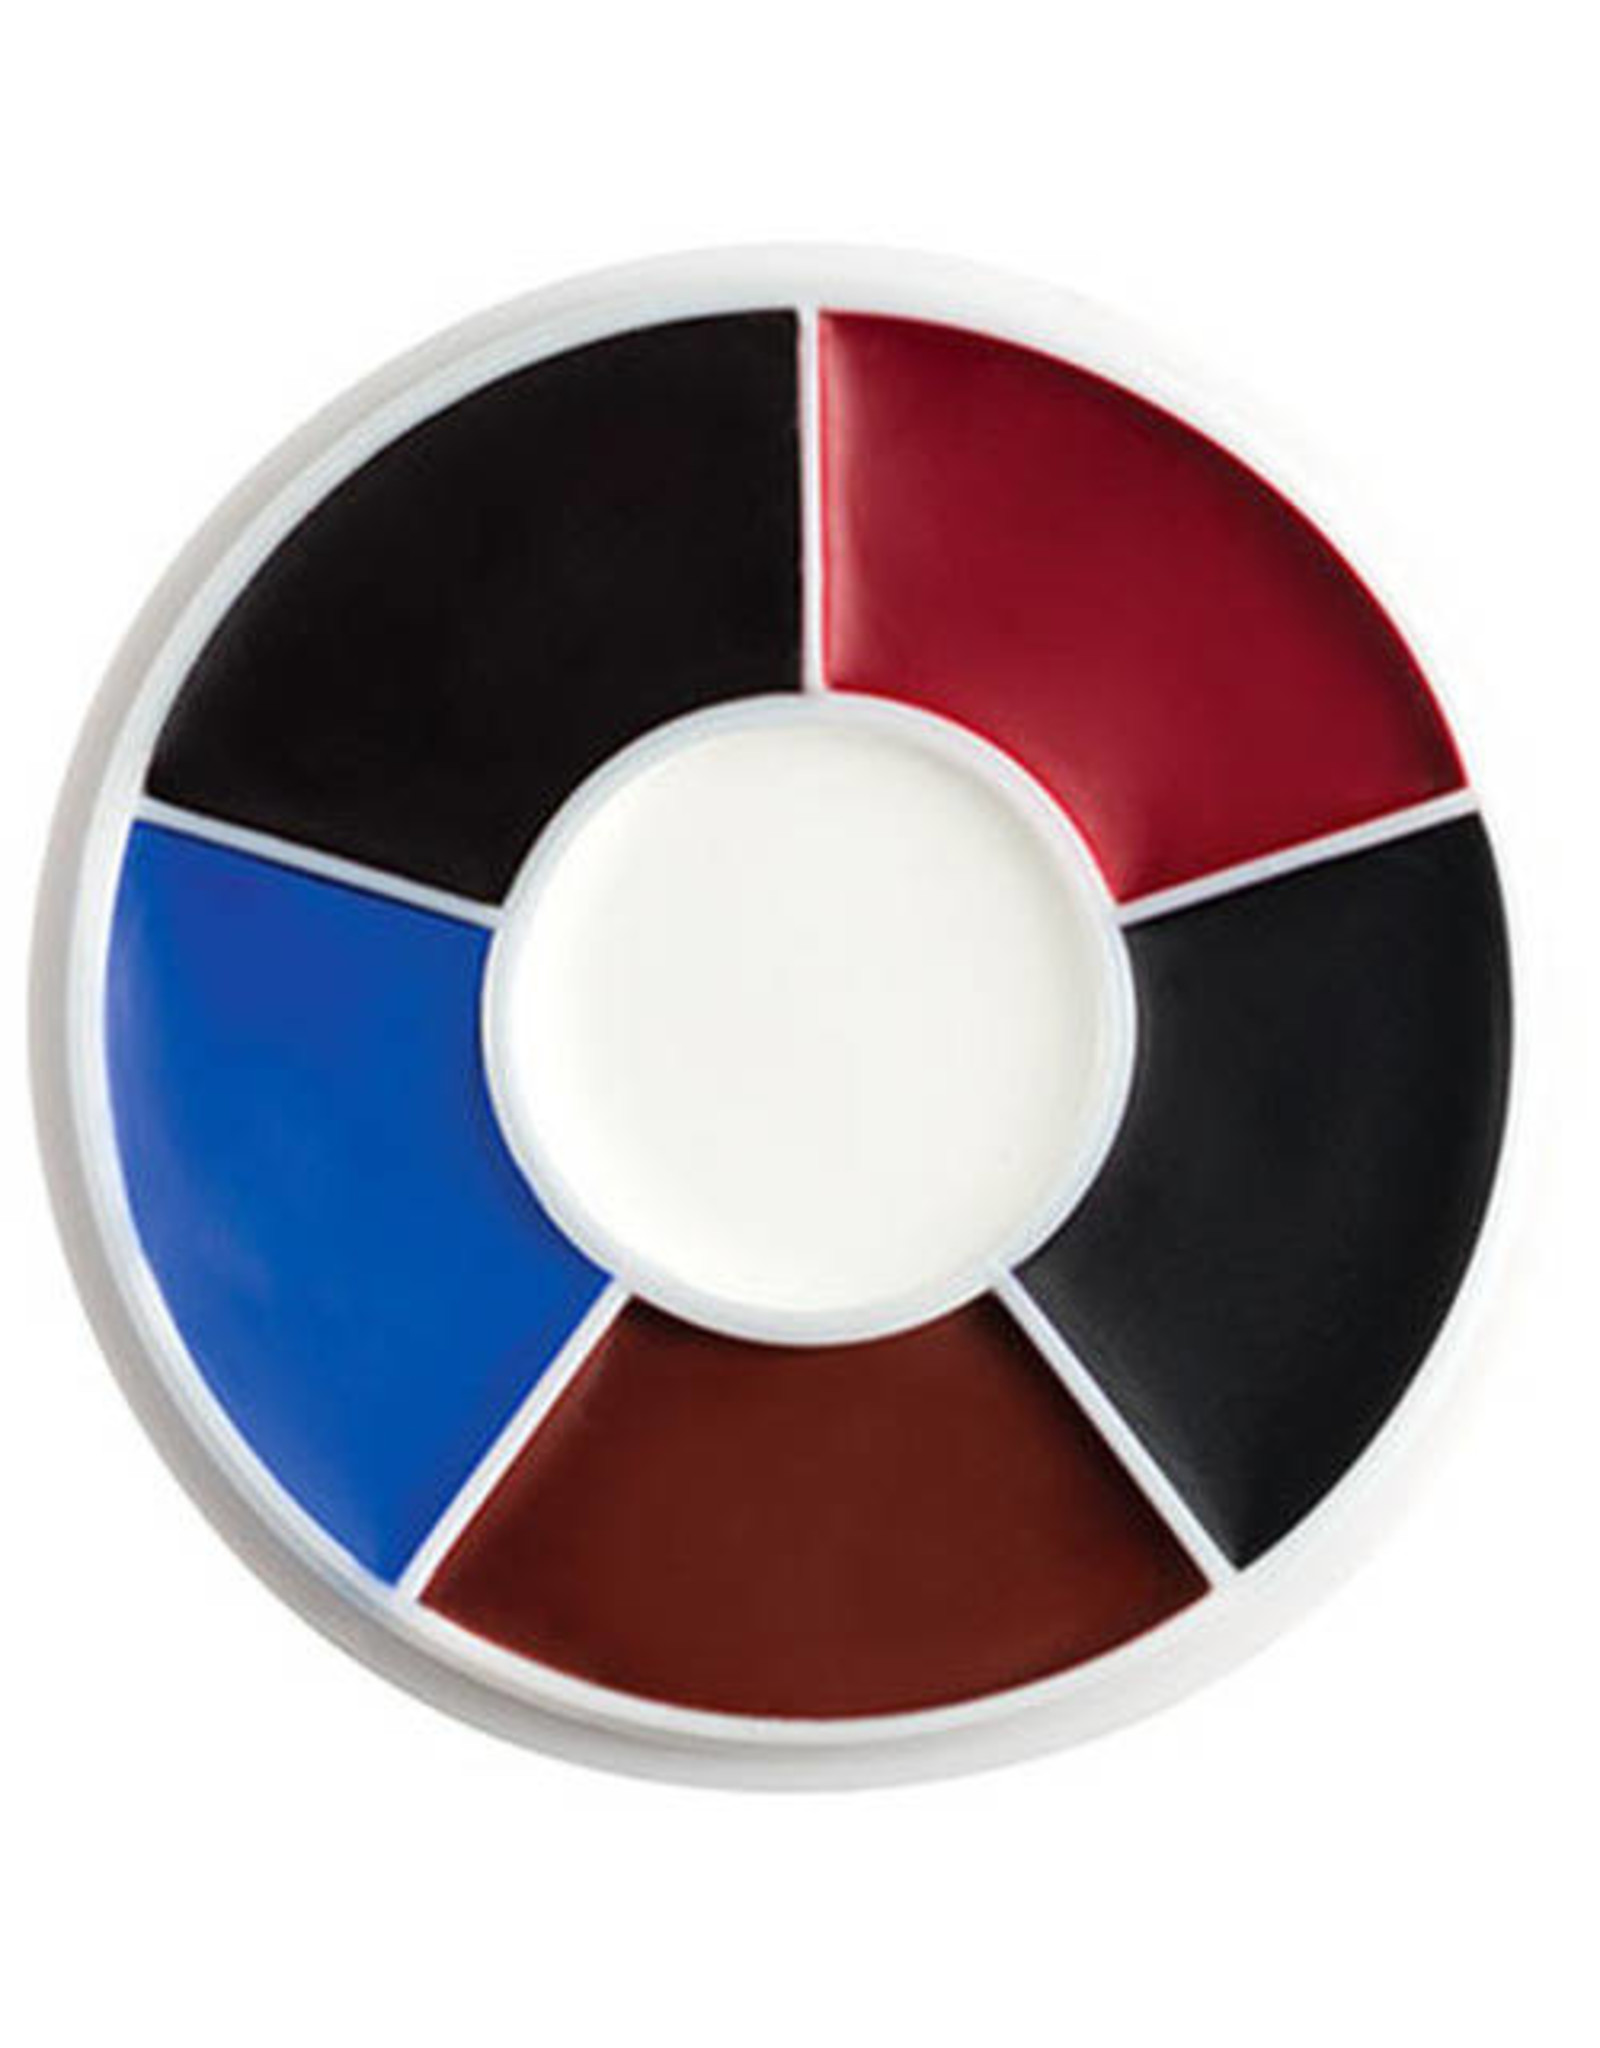 Ben Nye Color Wheel Master Disaster